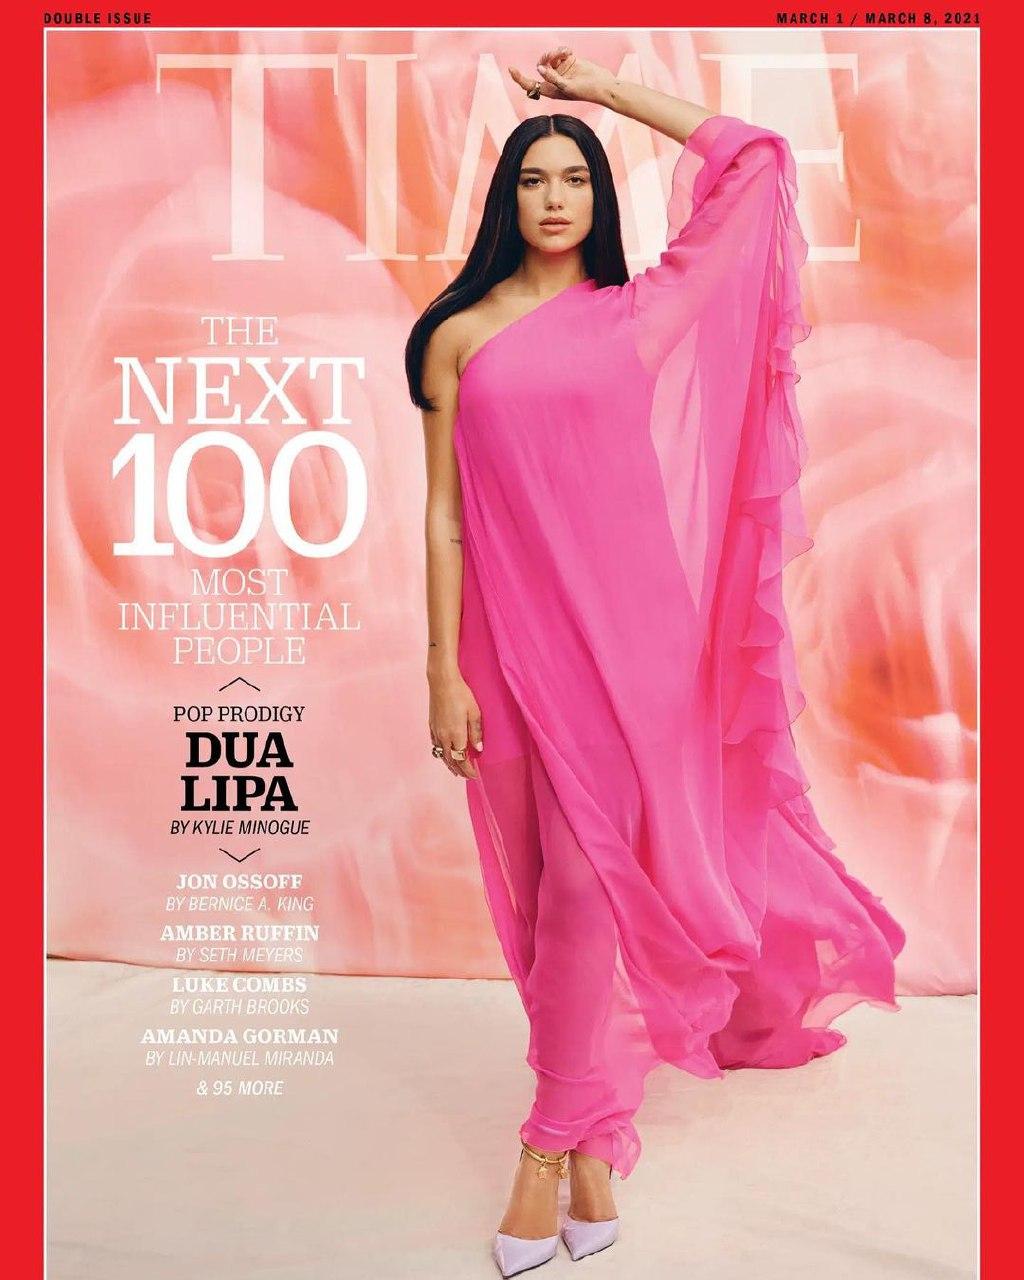 Сексуальная Дуа Липа стала самой влиятельной звездой 2021 года